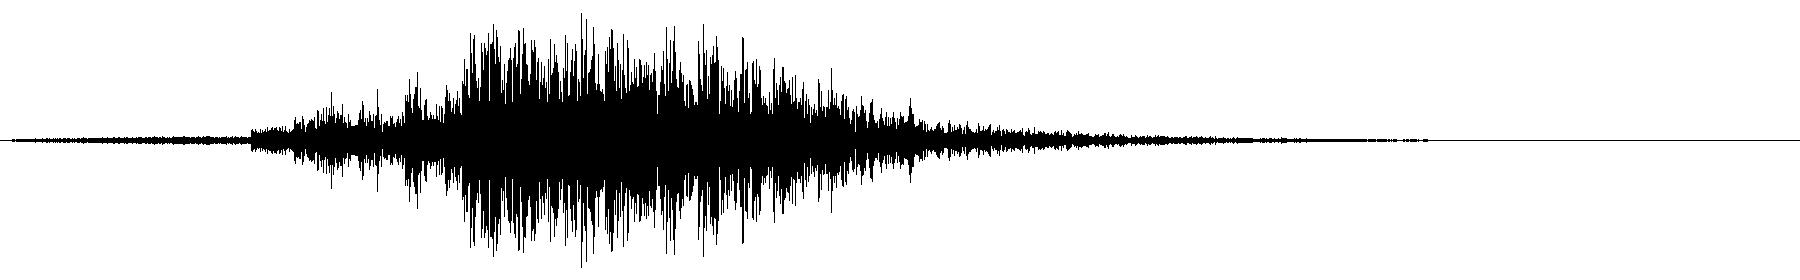 bluezone xworld sound 043